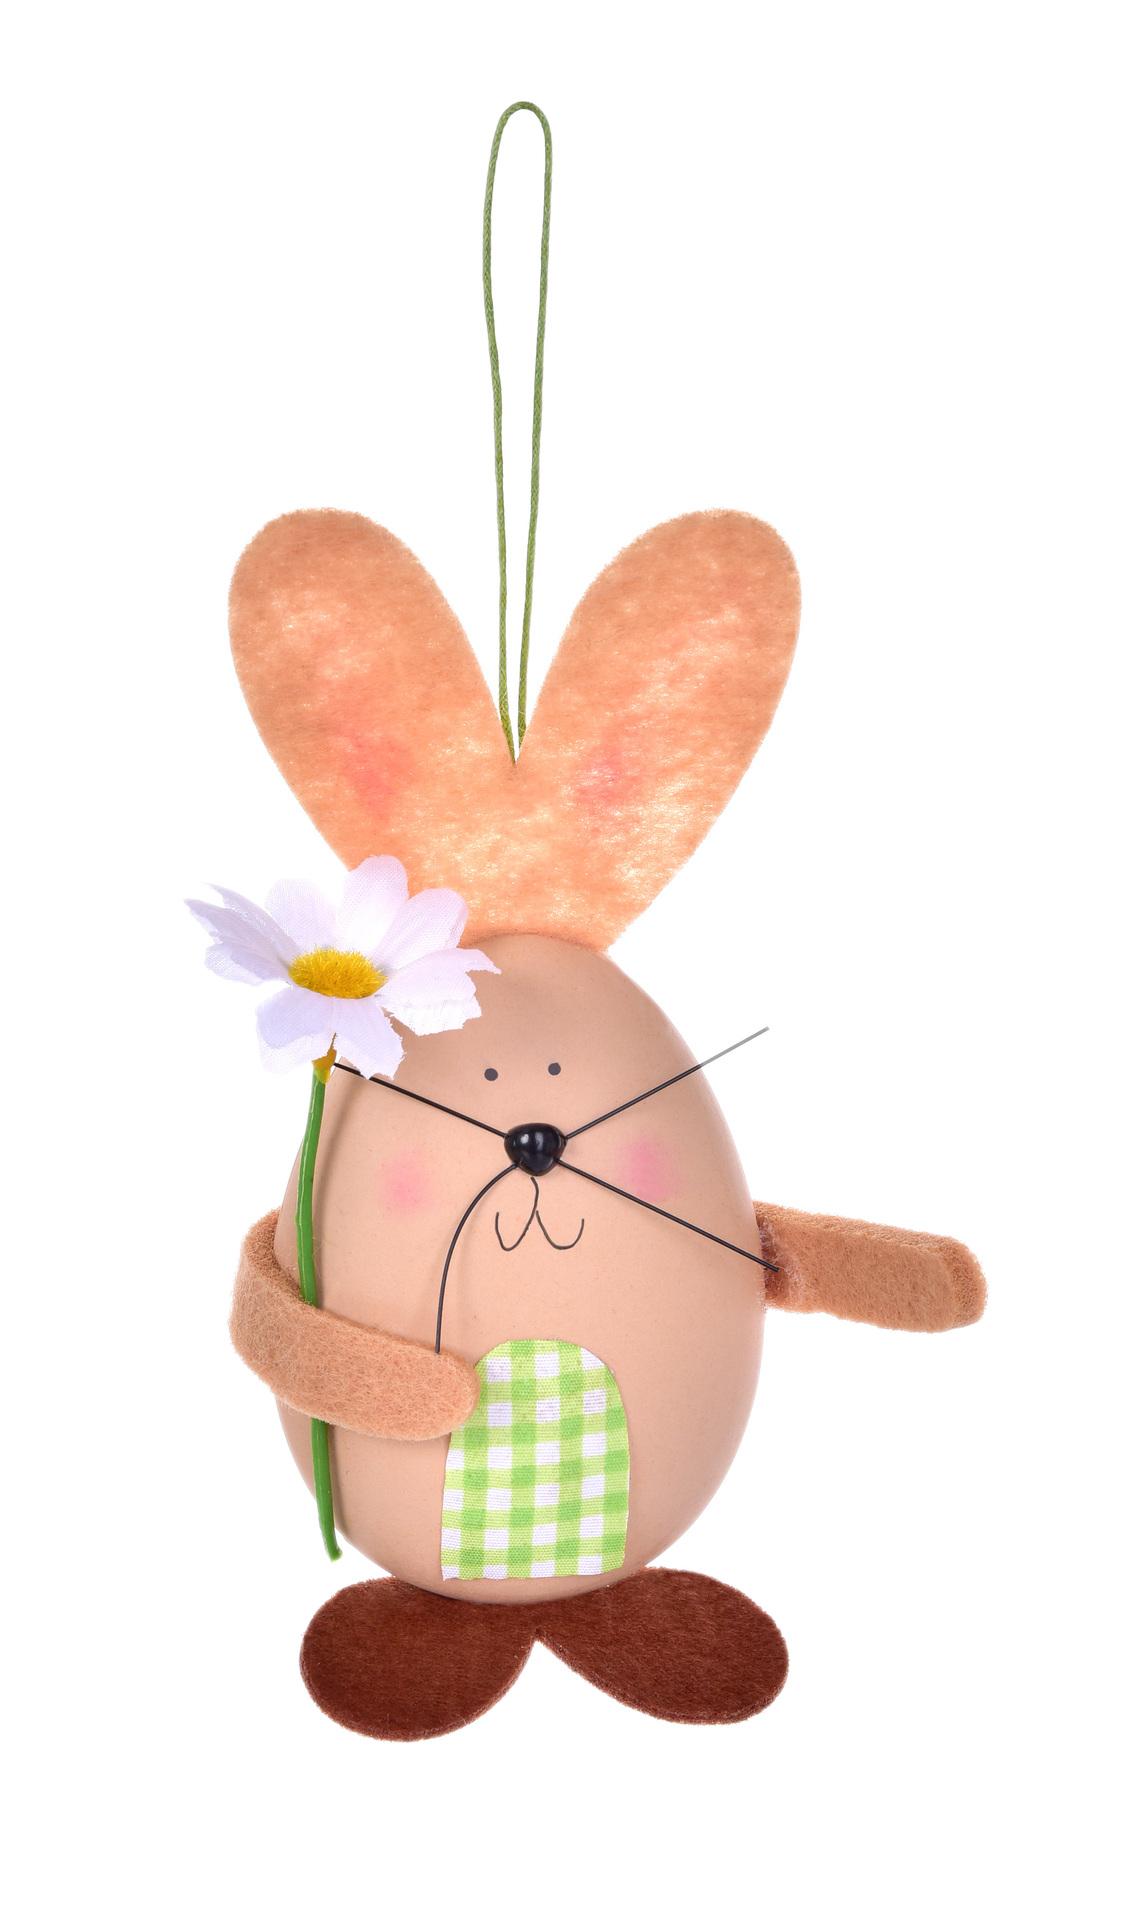 15 cm zajíček - vajíčko, velikonoční závěsná dekorace, s propracovanými detaily